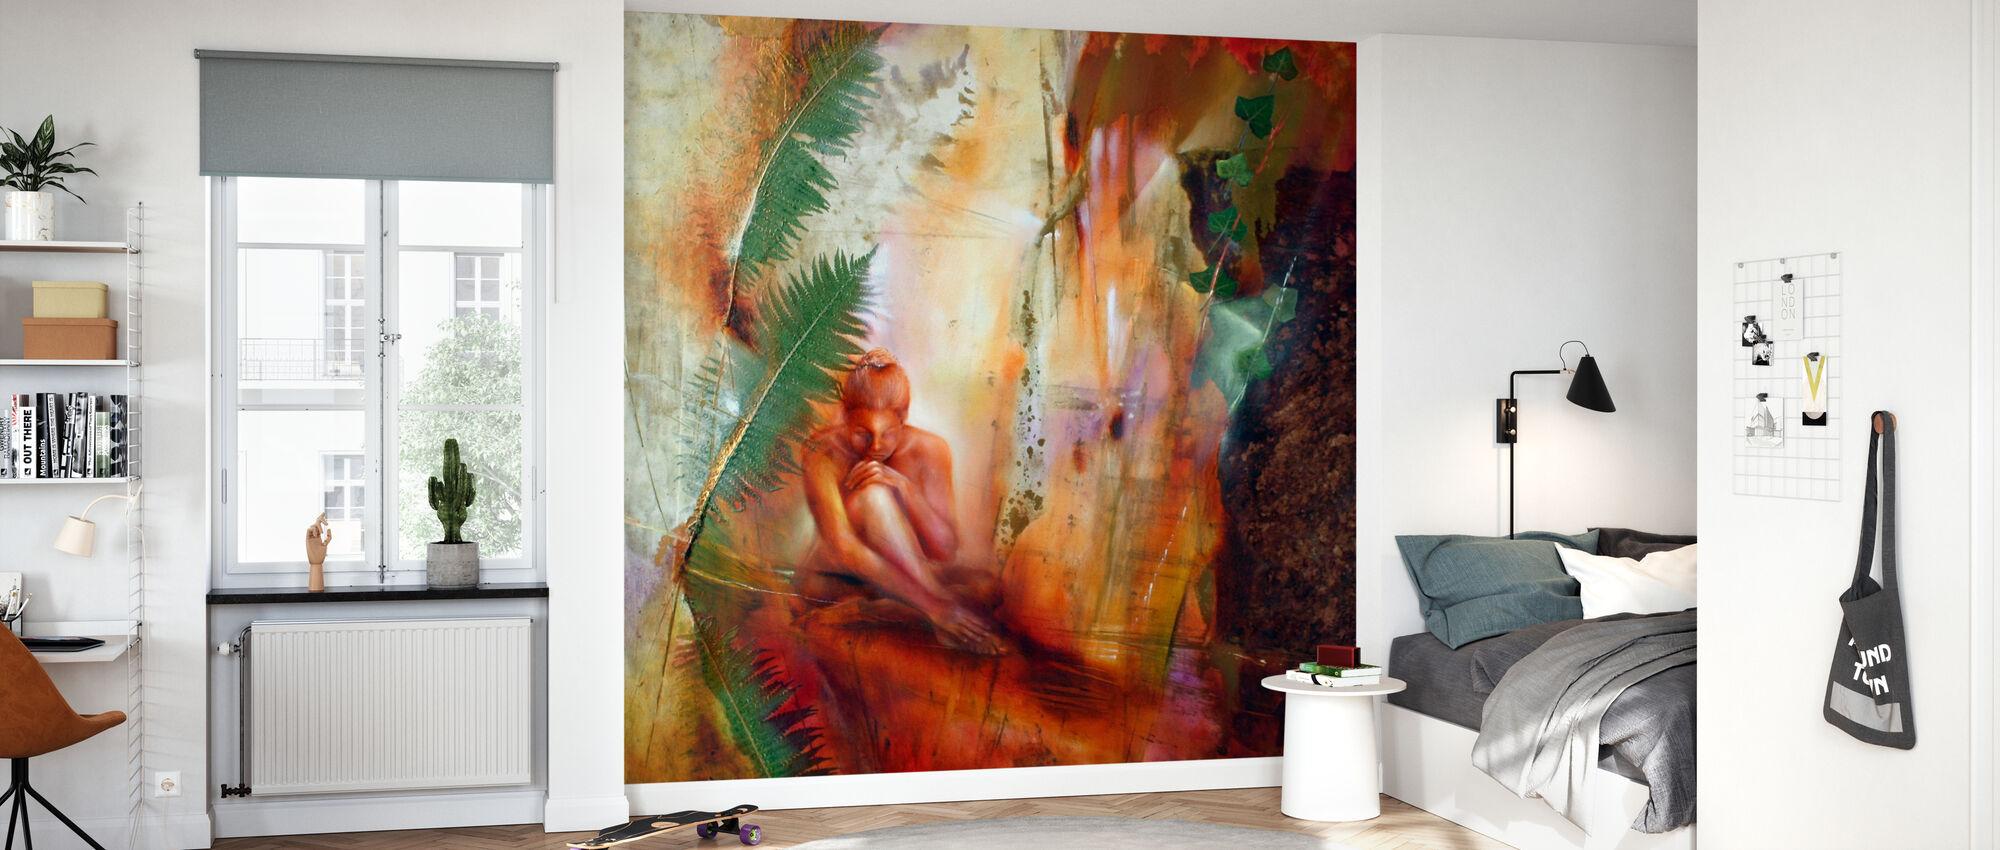 Lara - Wallpaper - Kids Room